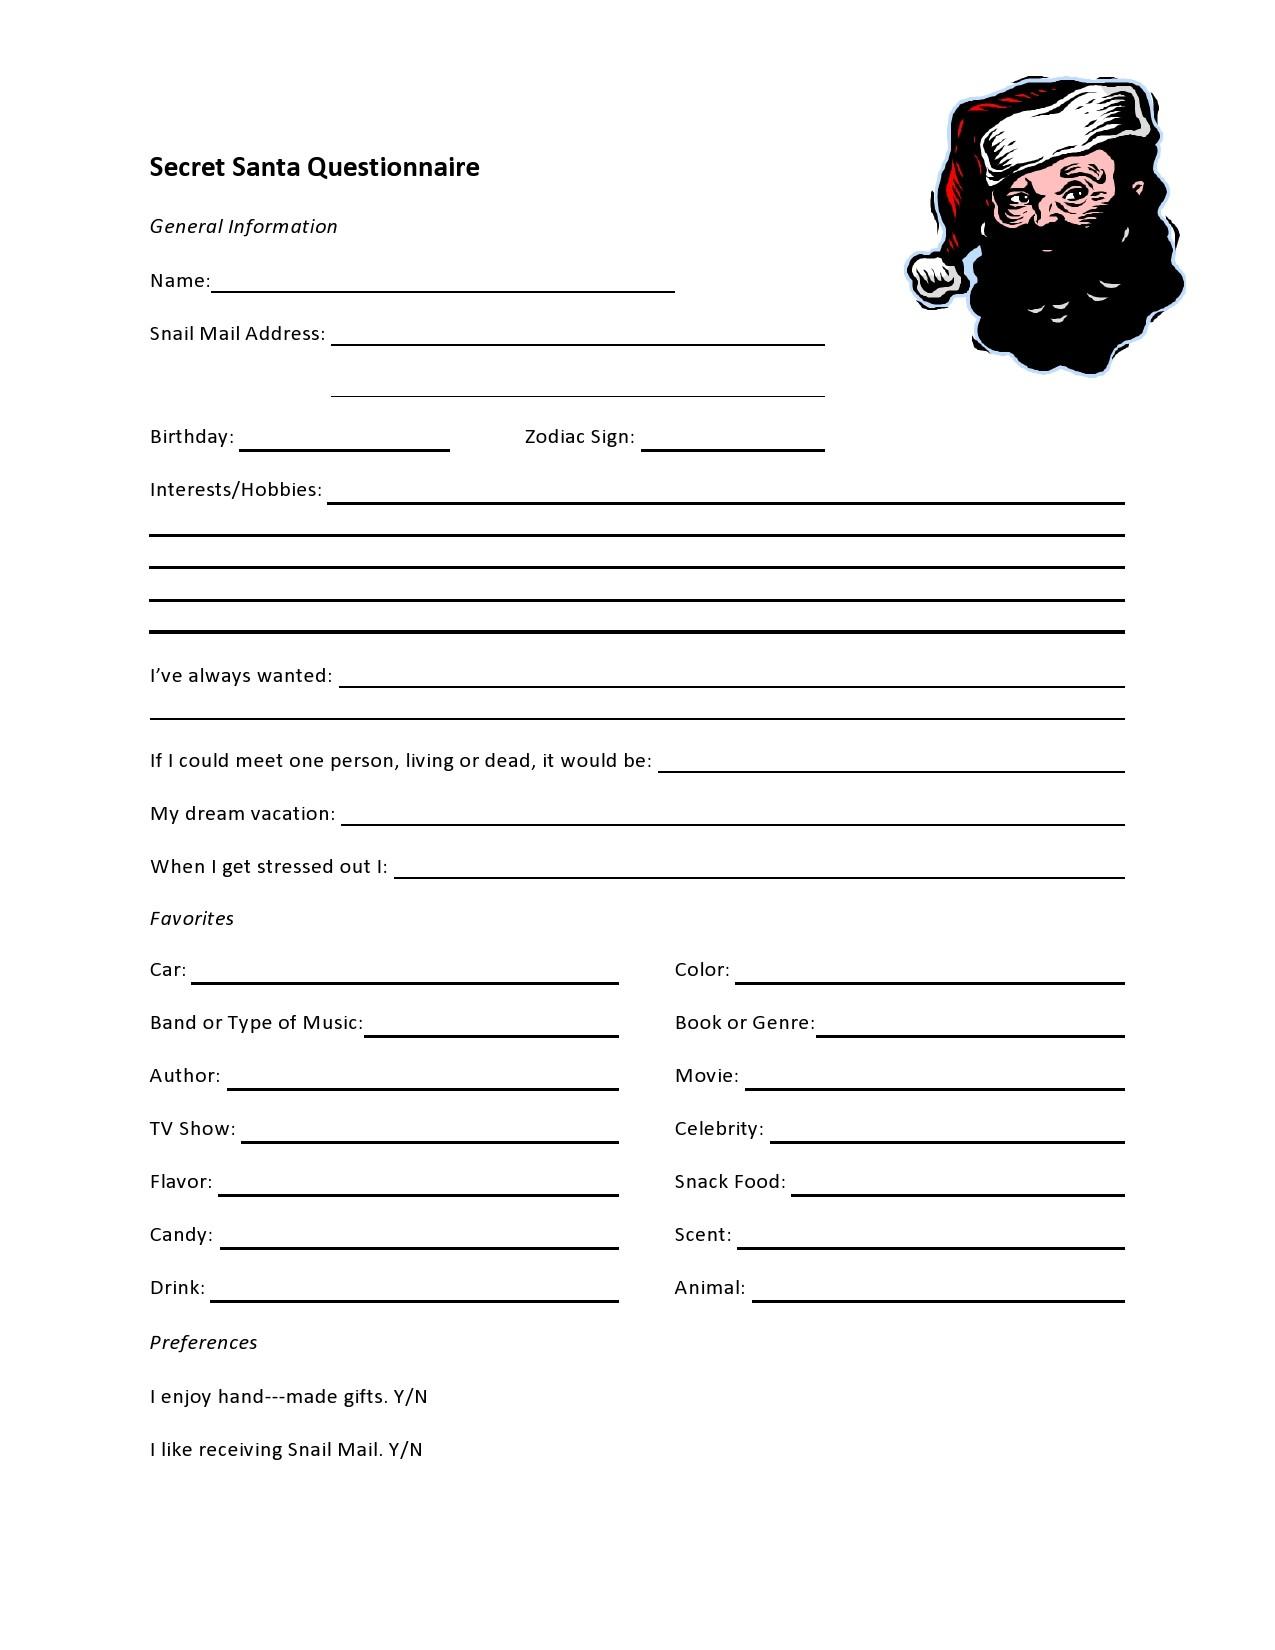 Free secret santa questionnaire 03